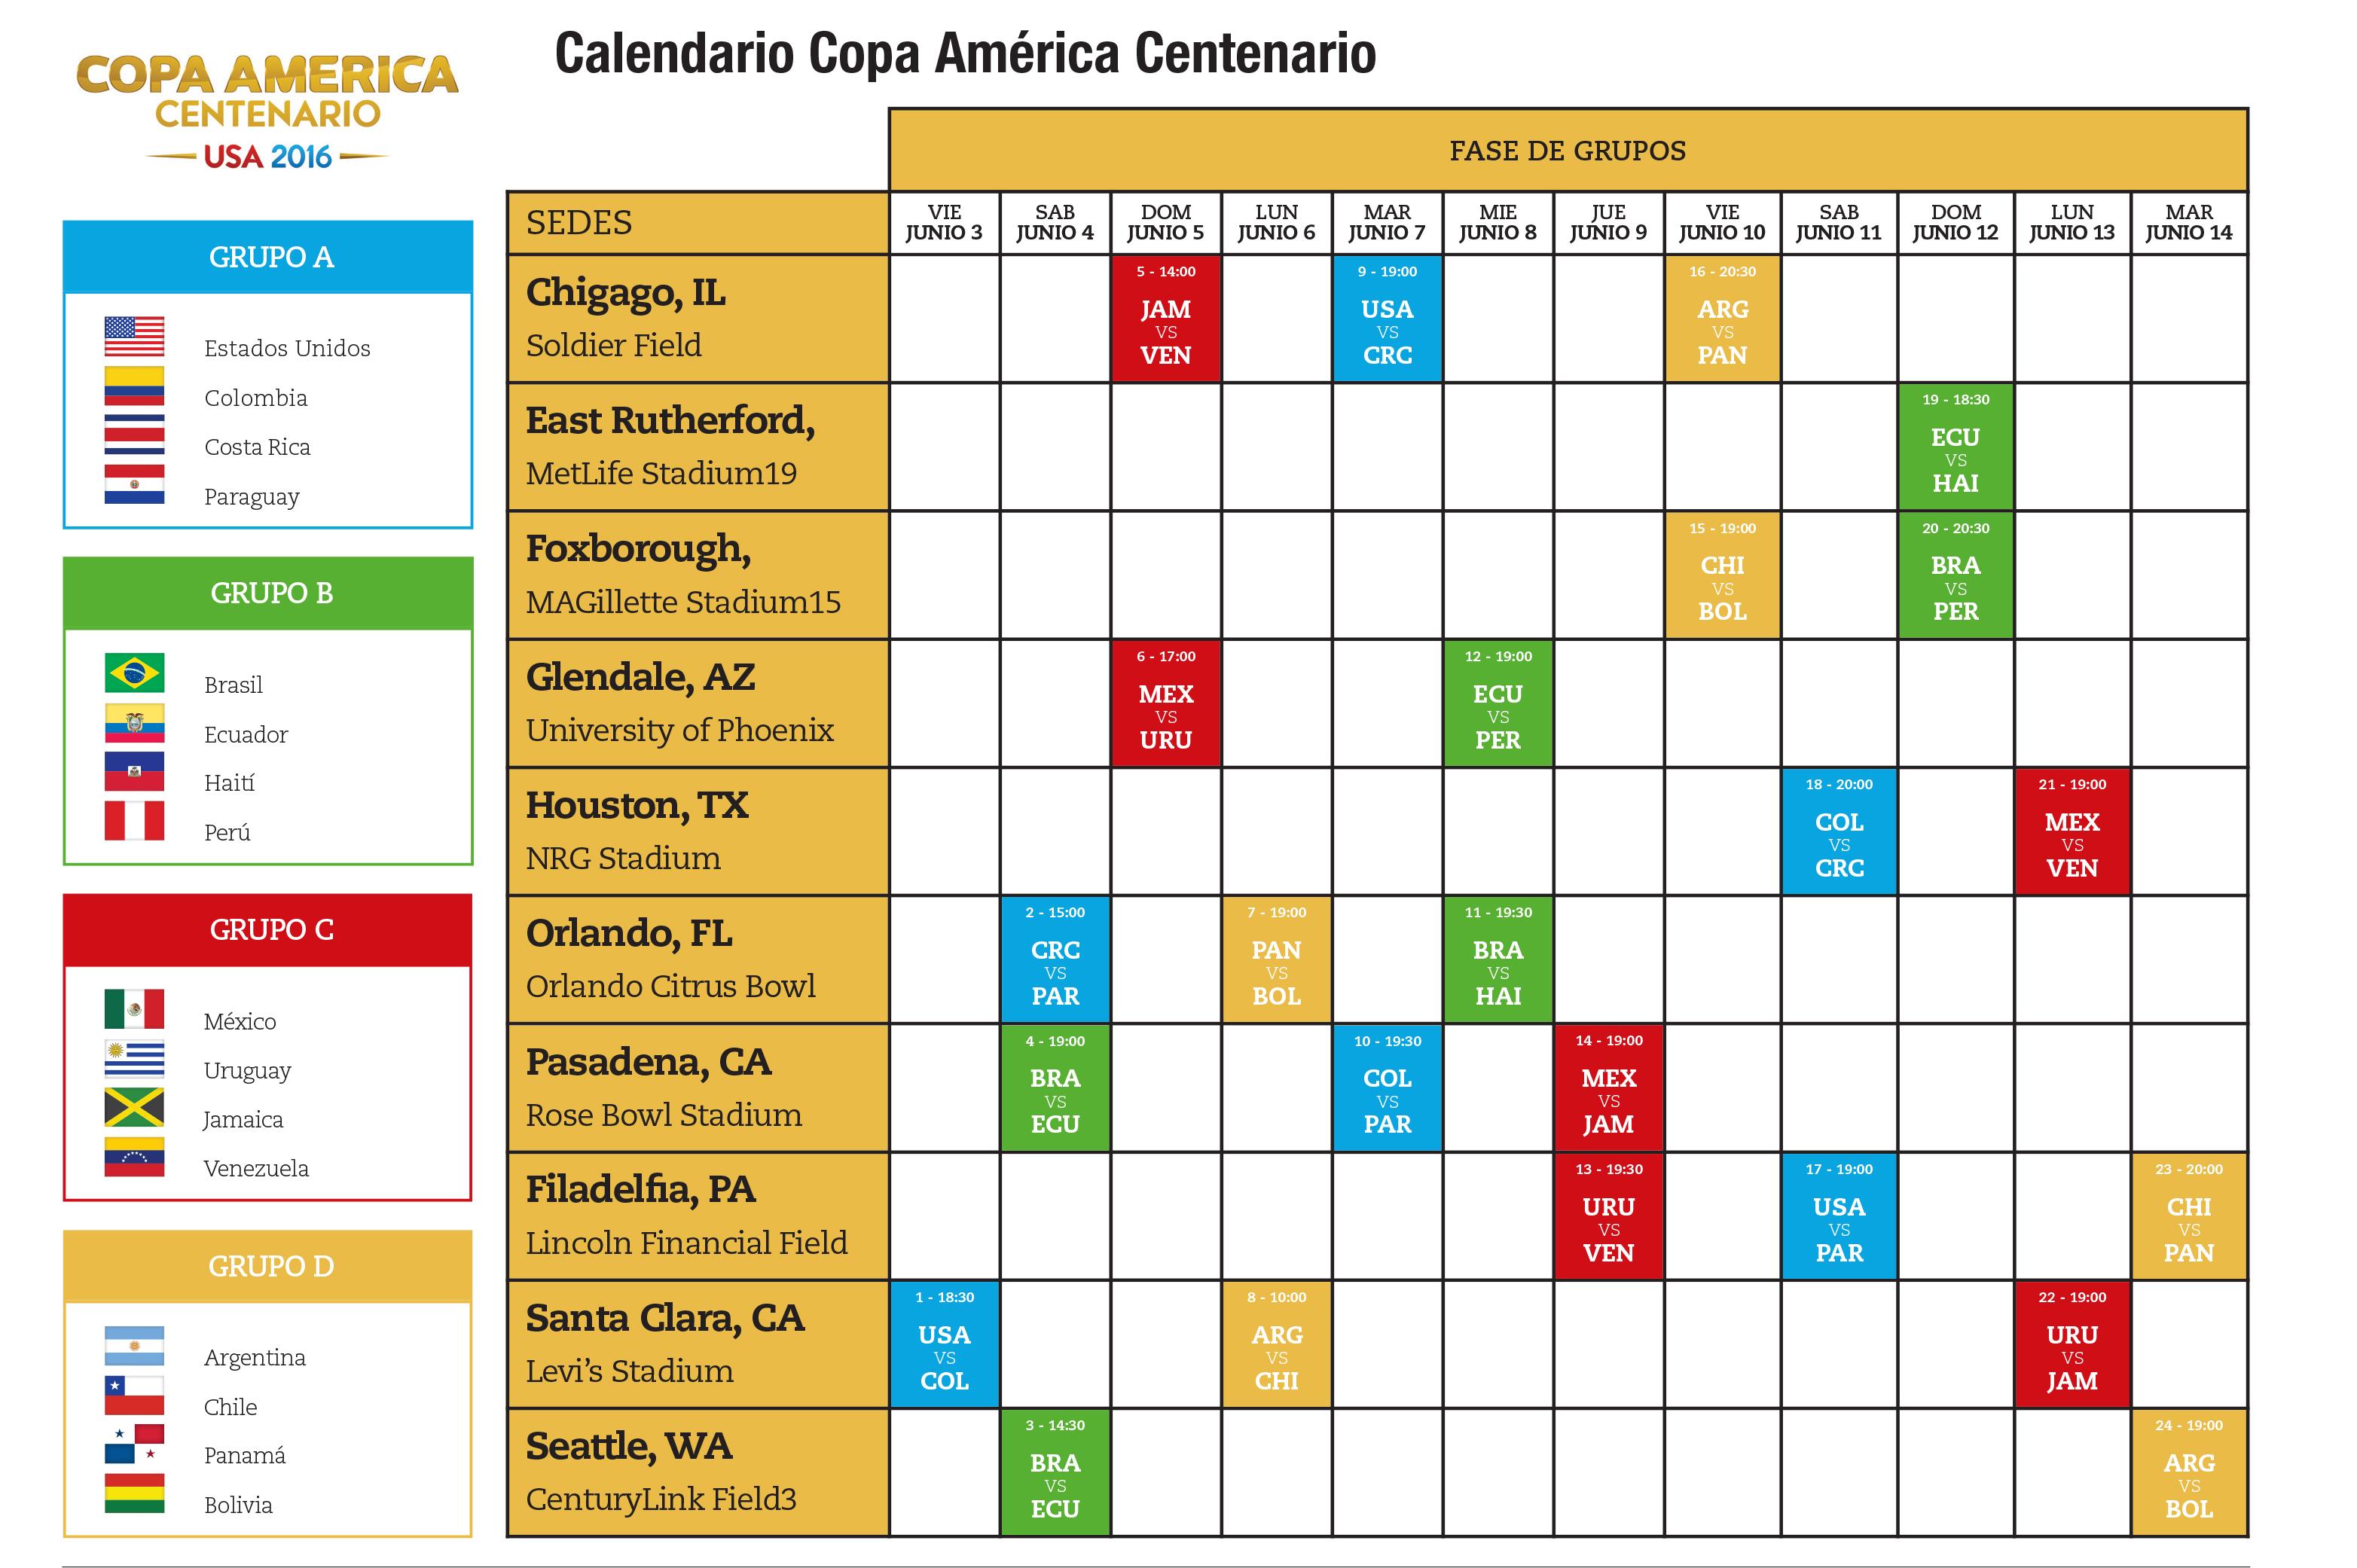 jet news calendario copa america centenario 2016